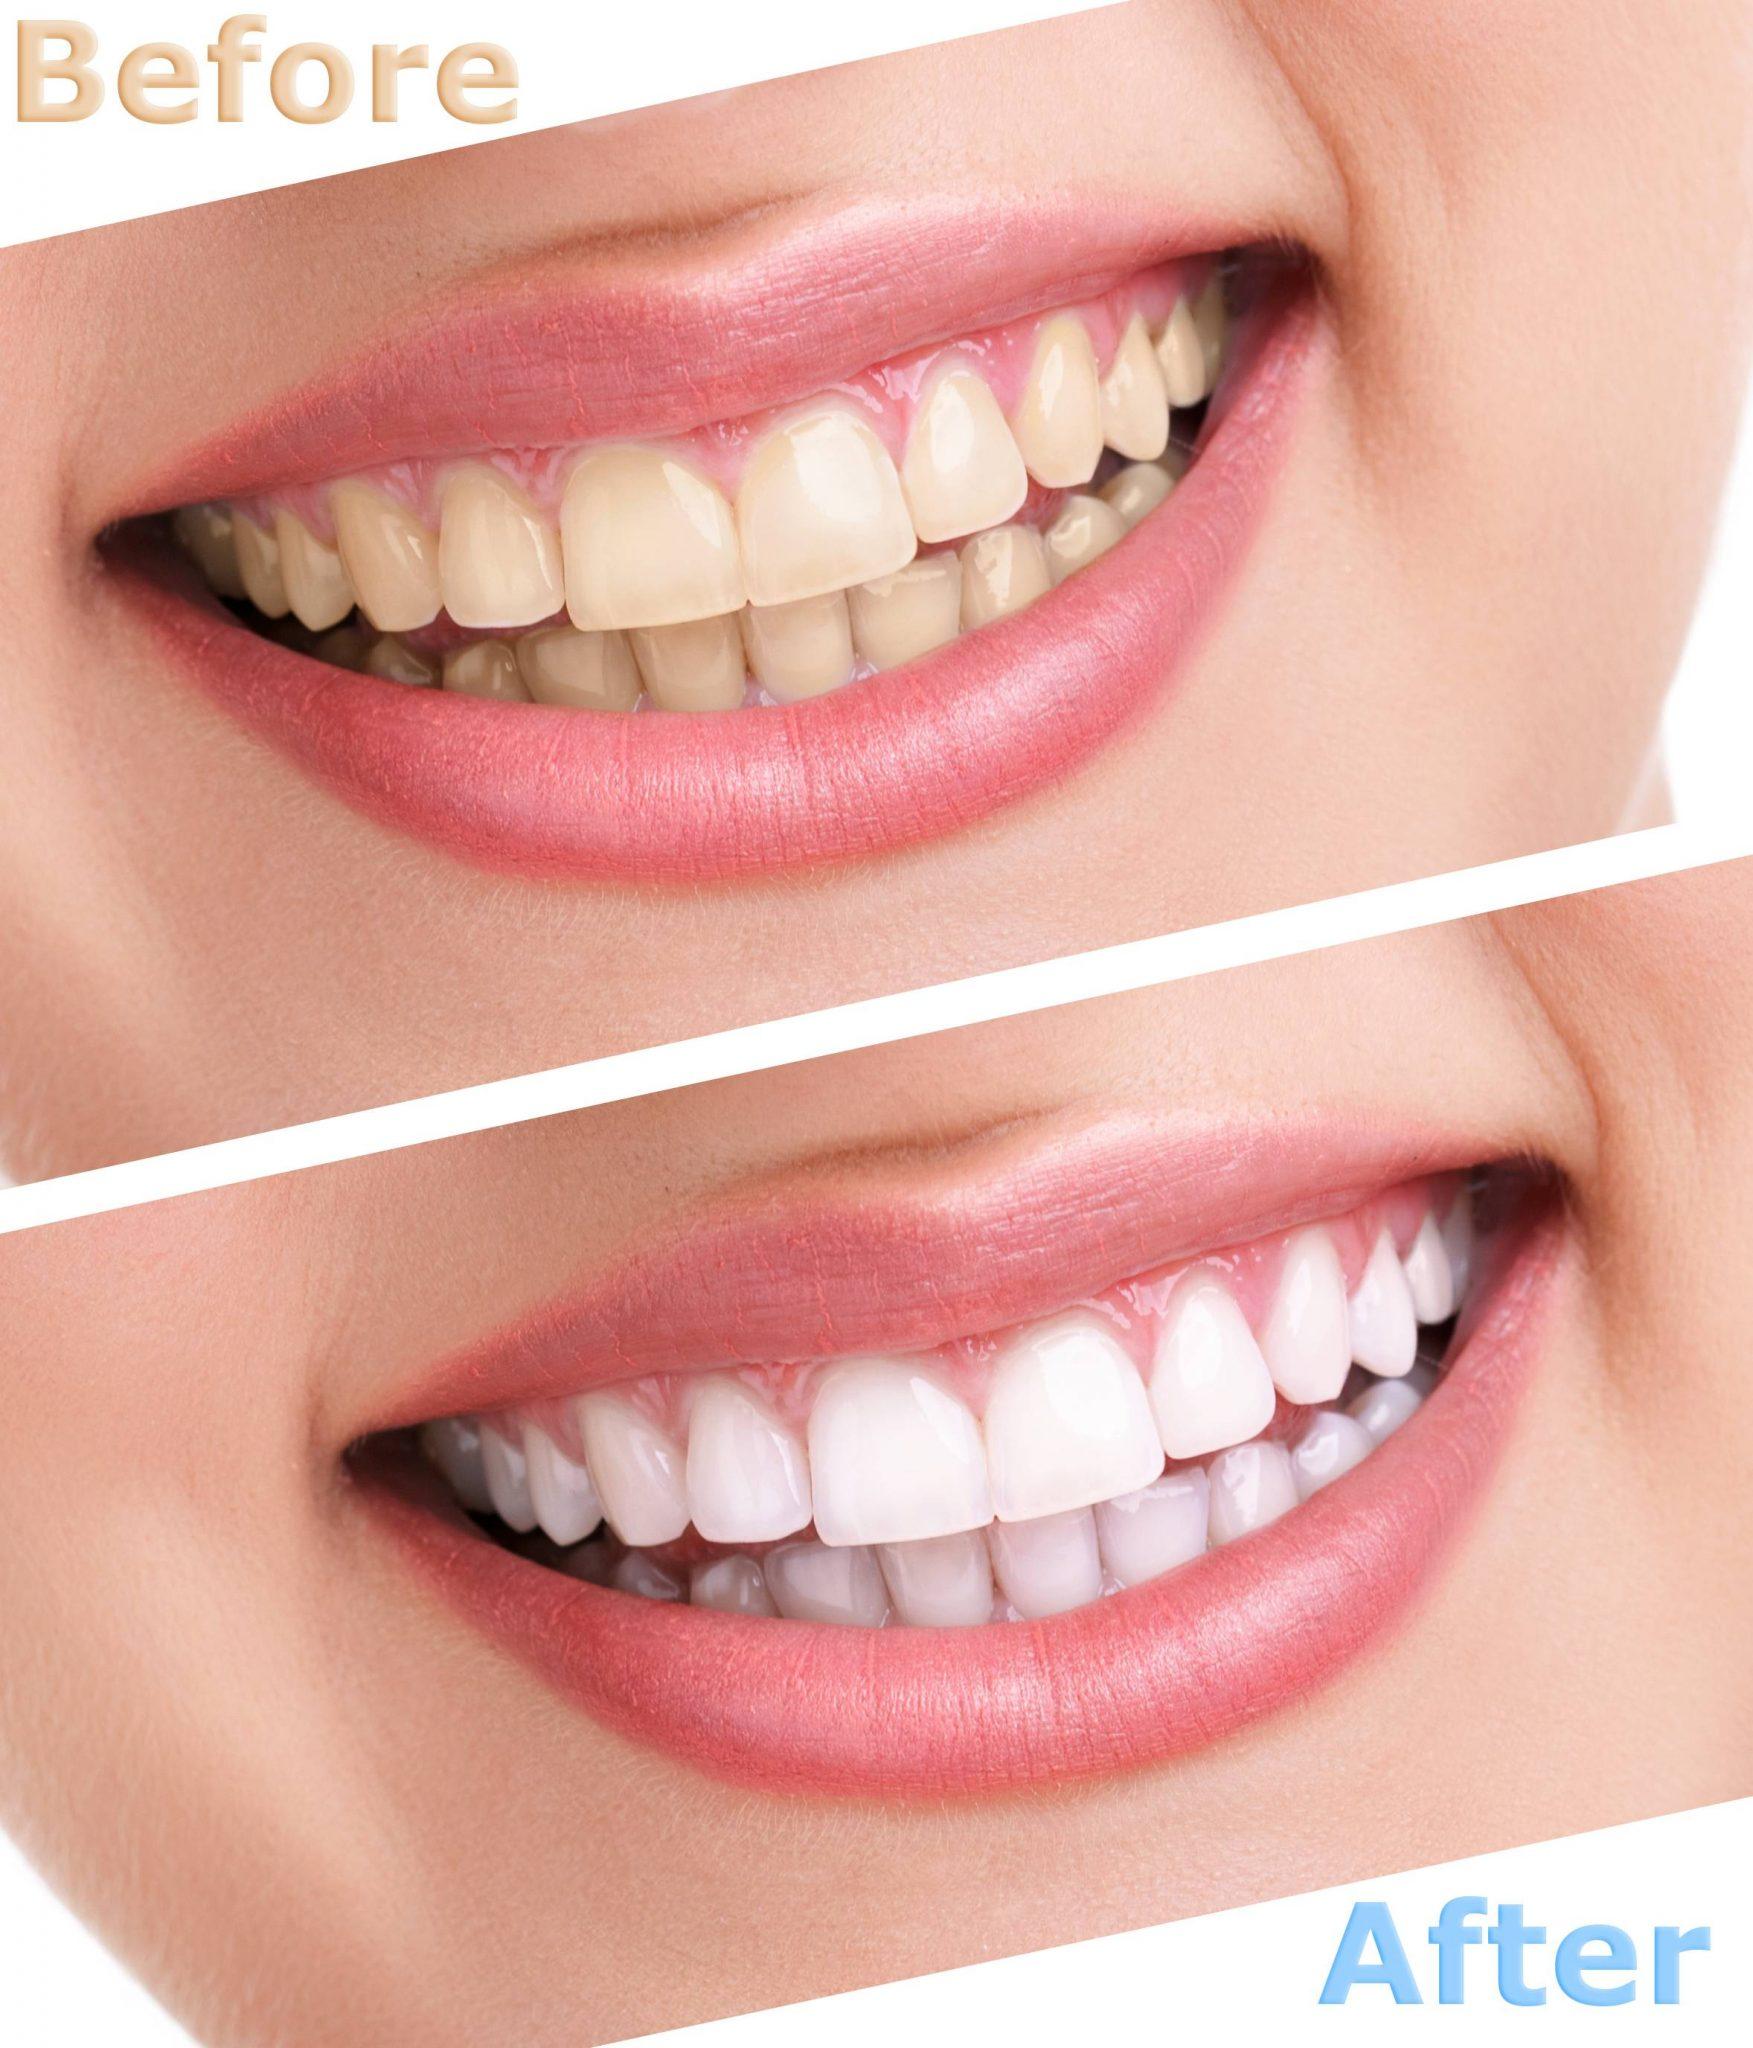 صورة طريقة التخلص من جير الاسنان , وصفات سهلة ورهيبة لحل مشكلة الجير المتراكم ع الاسنان